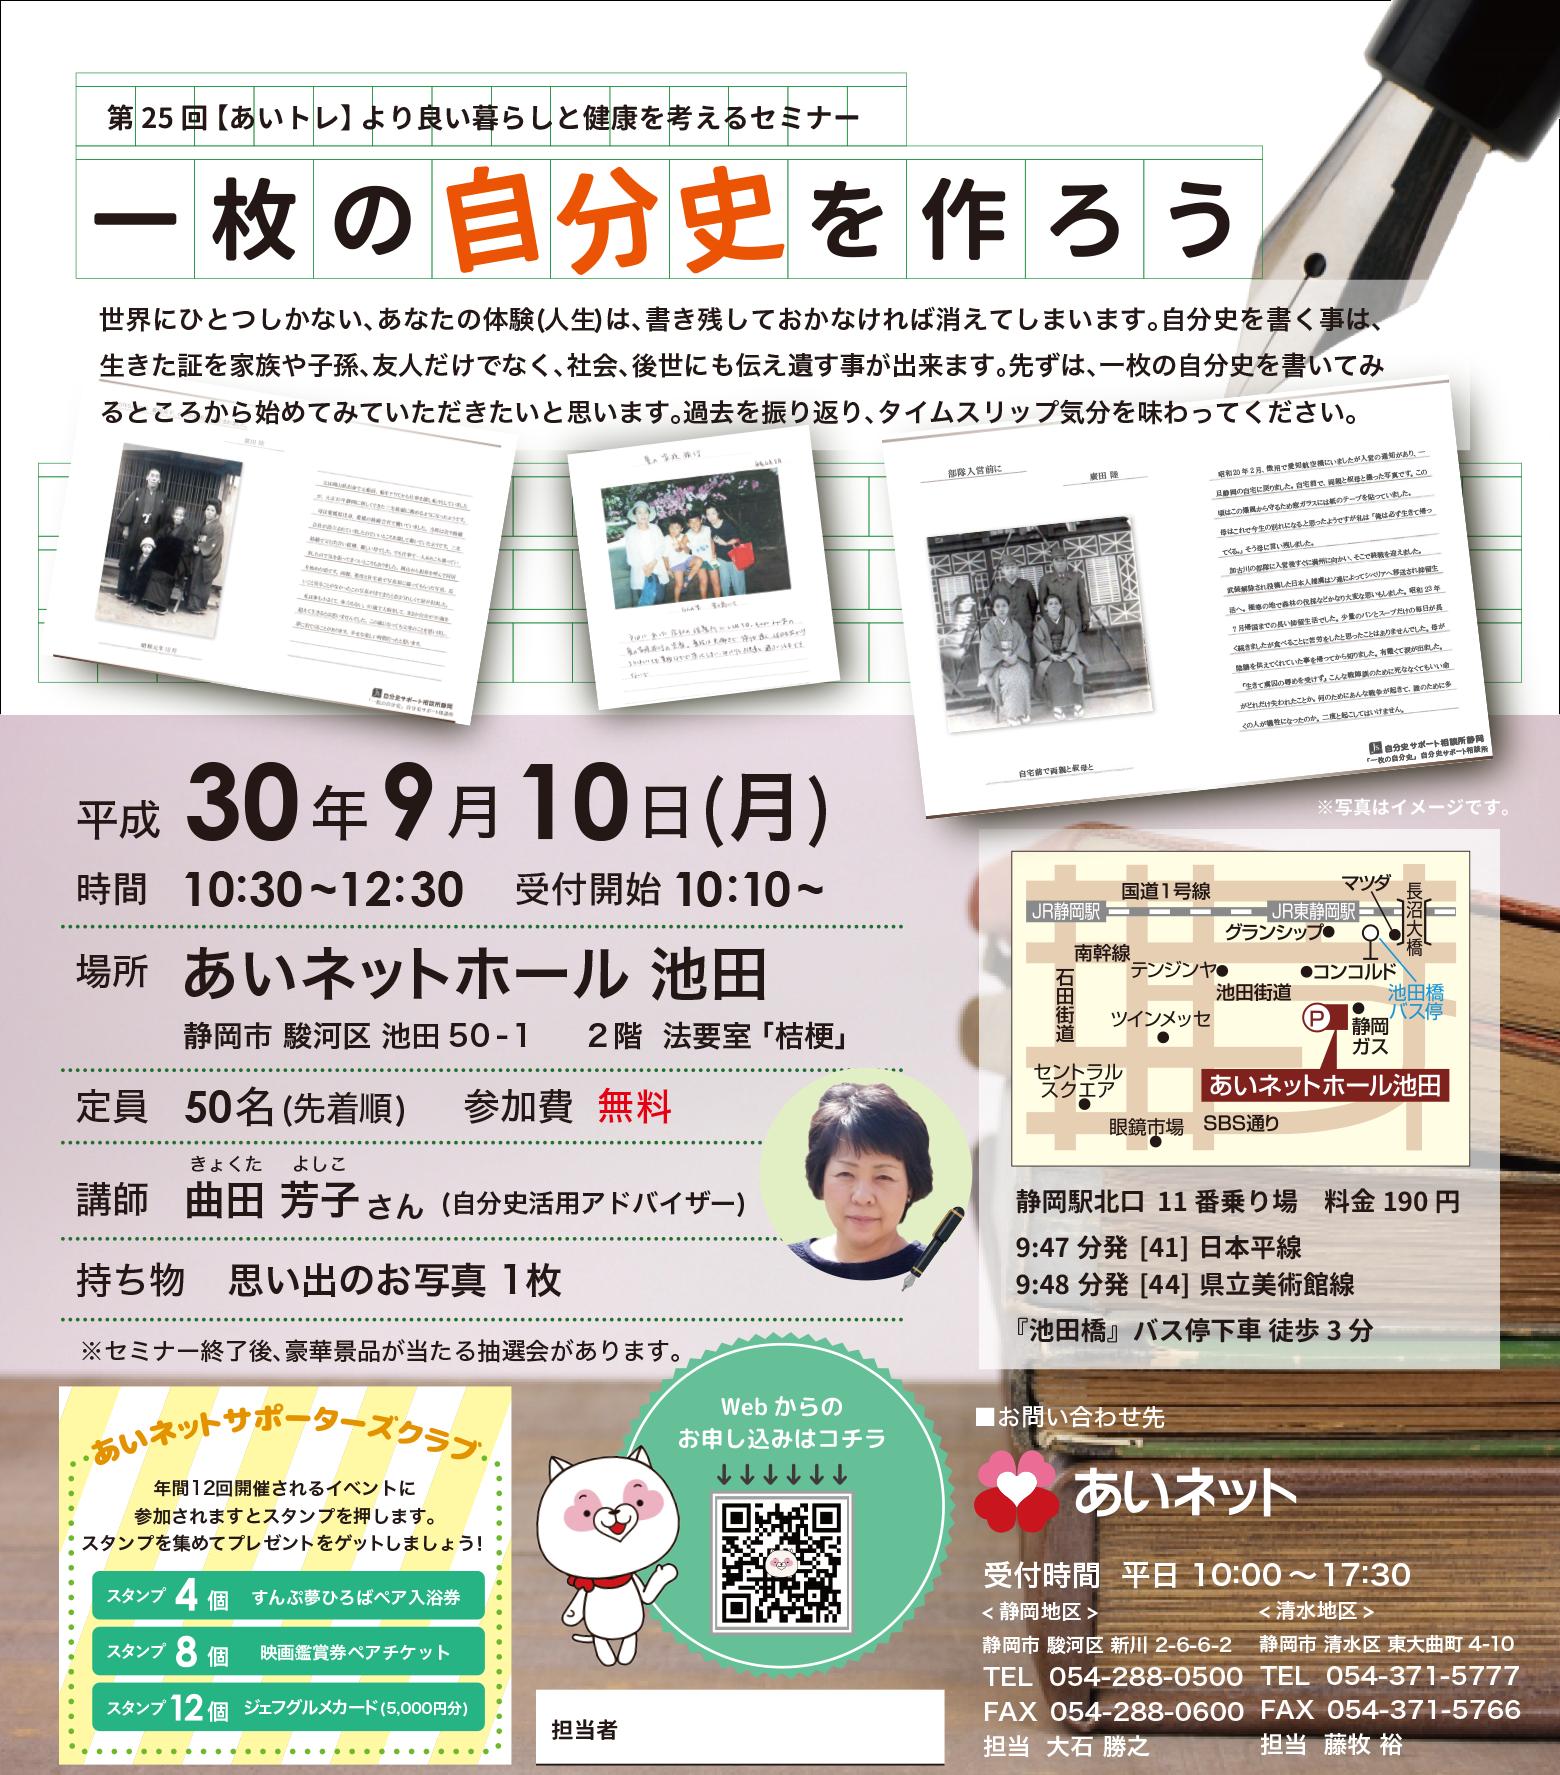 ◆9月「あいトレ」一枚の自分史を作ろう ただいま受付中!